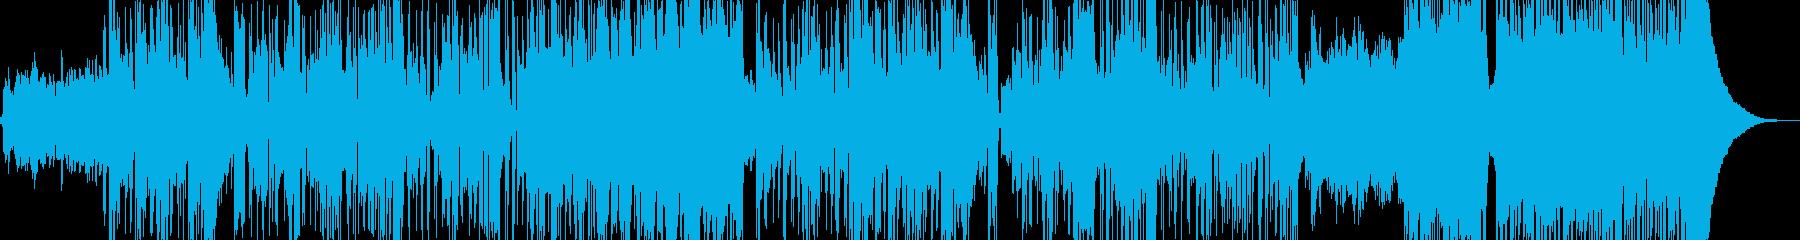 新鮮な空気感の演出・クールなビート Aの再生済みの波形